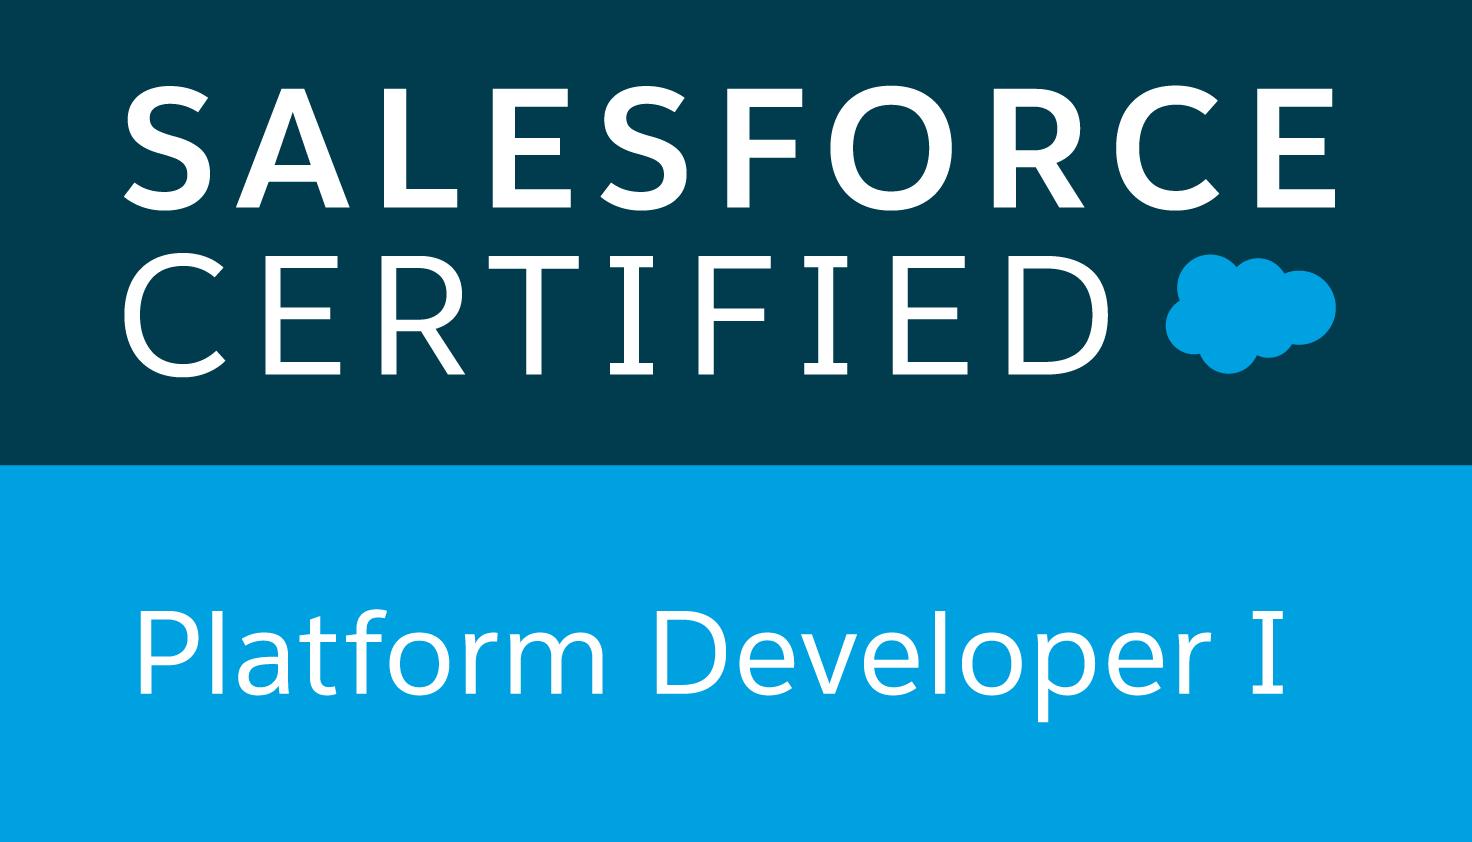 Salesforce Certified Platform Developer I verification for Richard Upton